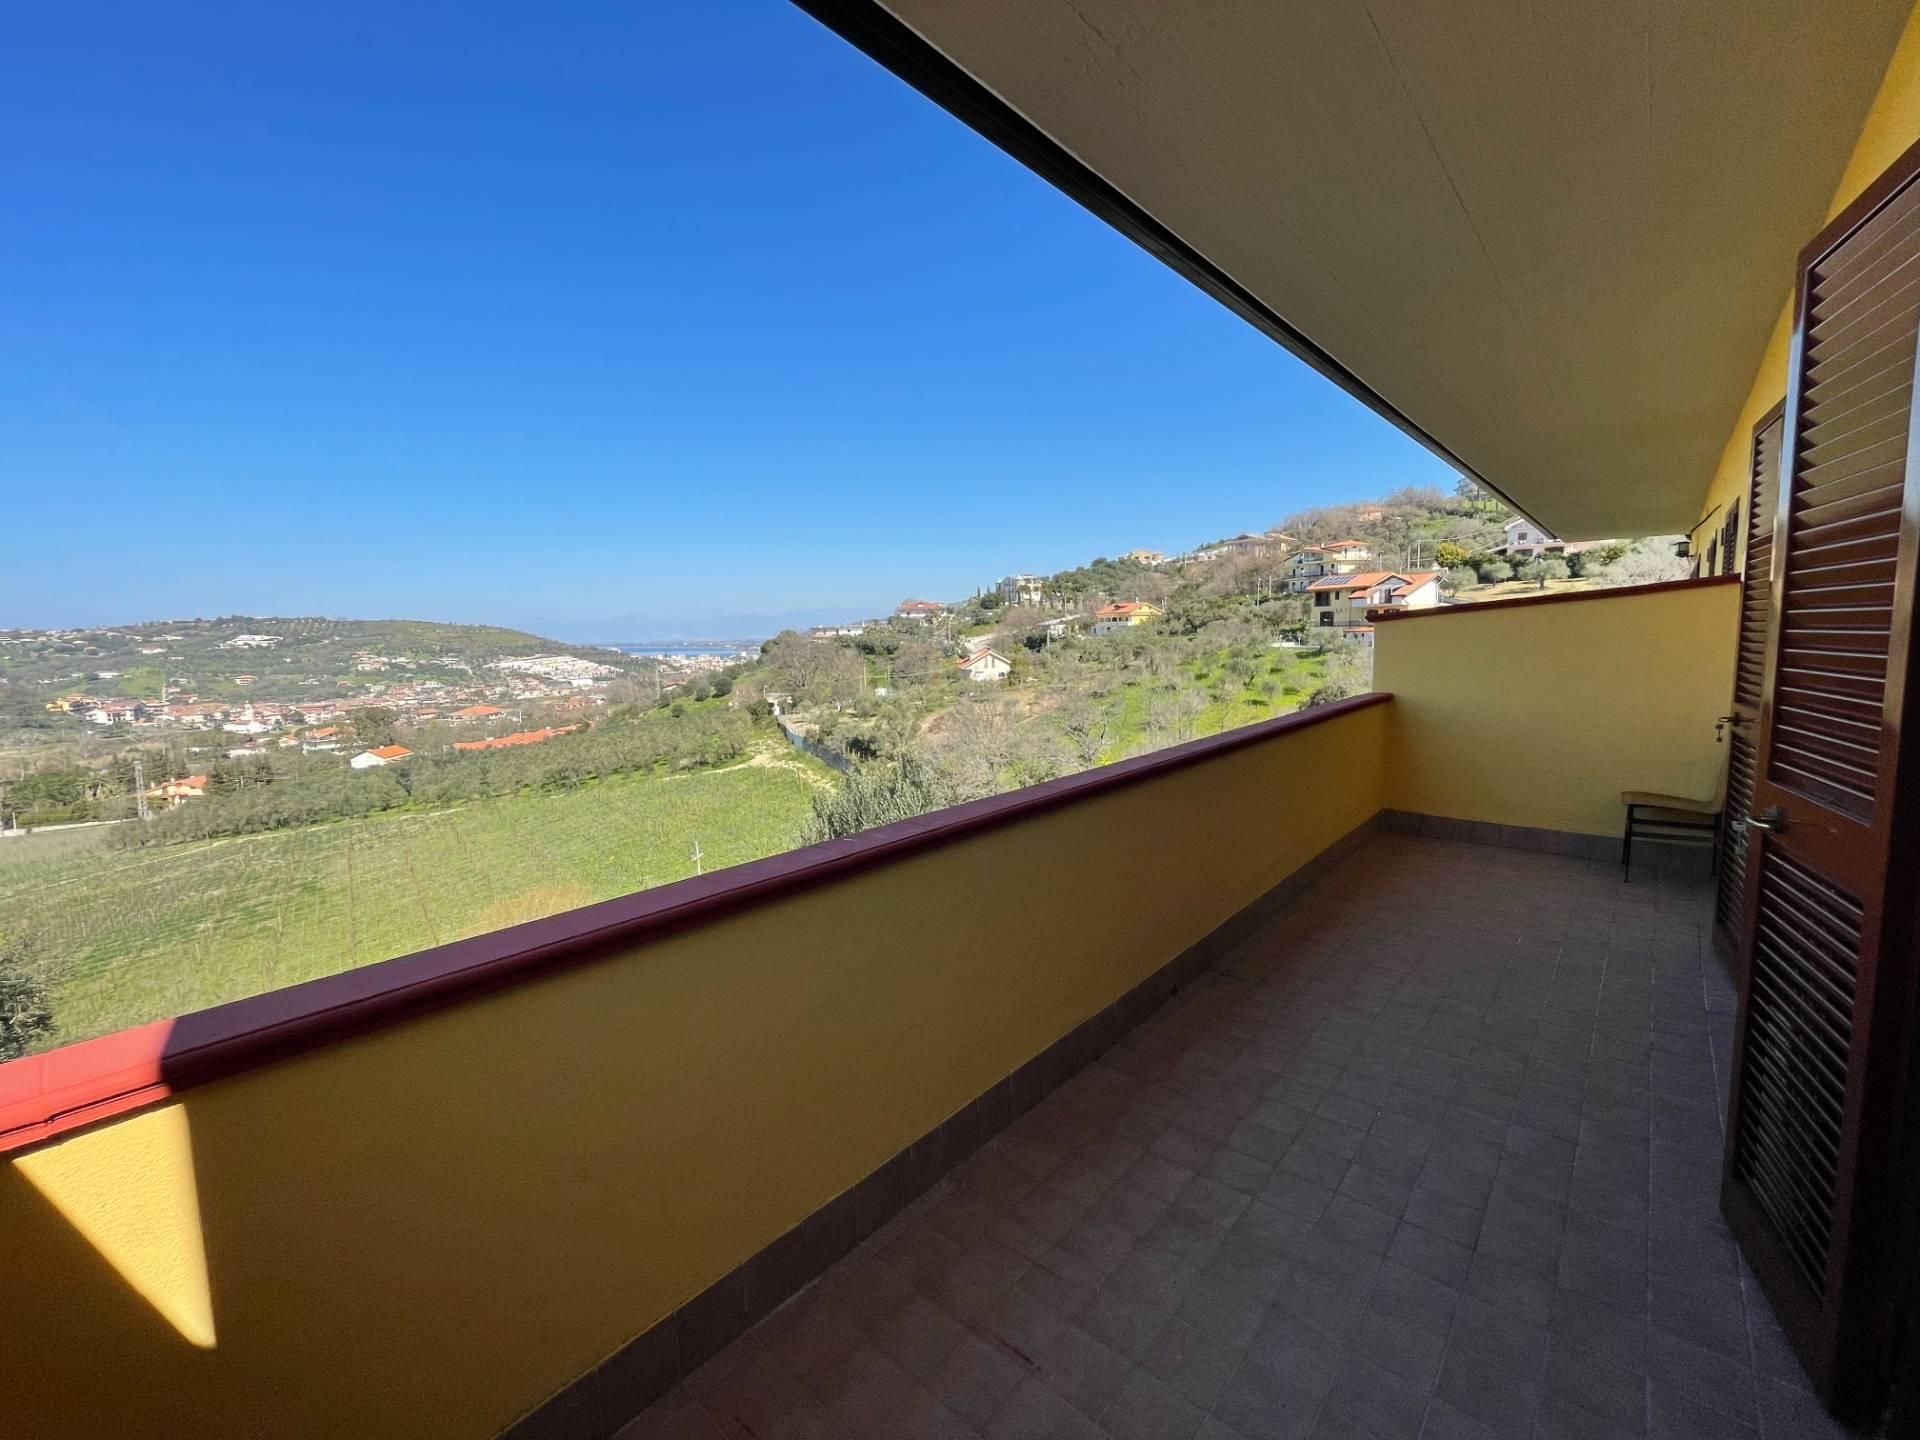 Appartamento in vendita a Agropoli, 3 locali, prezzo € 79.000 | CambioCasa.it